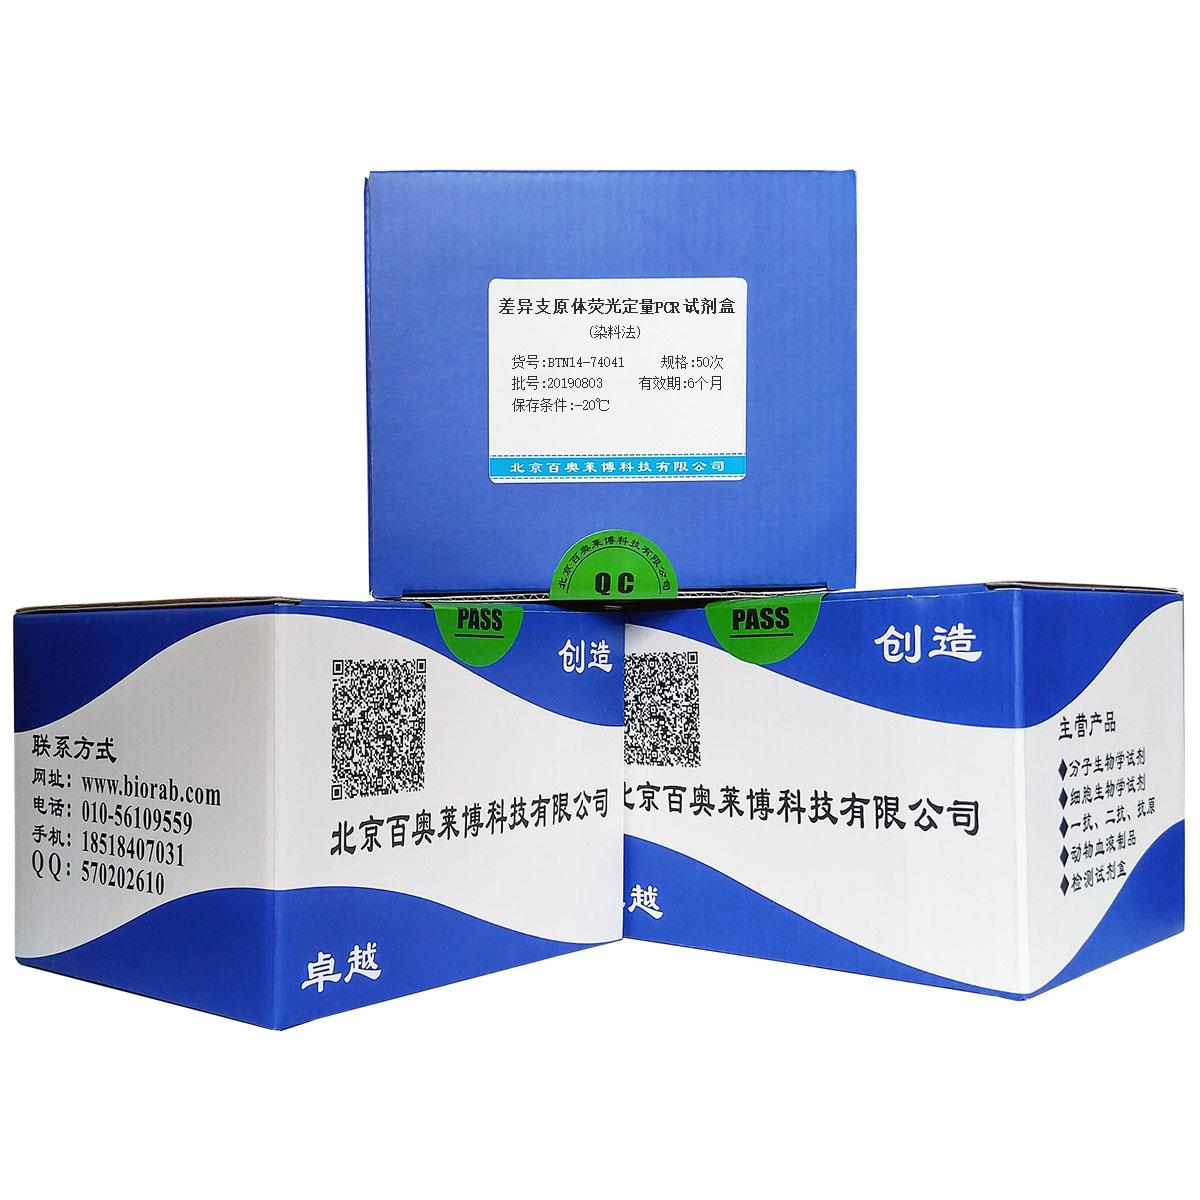 差异支原体荧光定量PCR试剂盒(染料法)